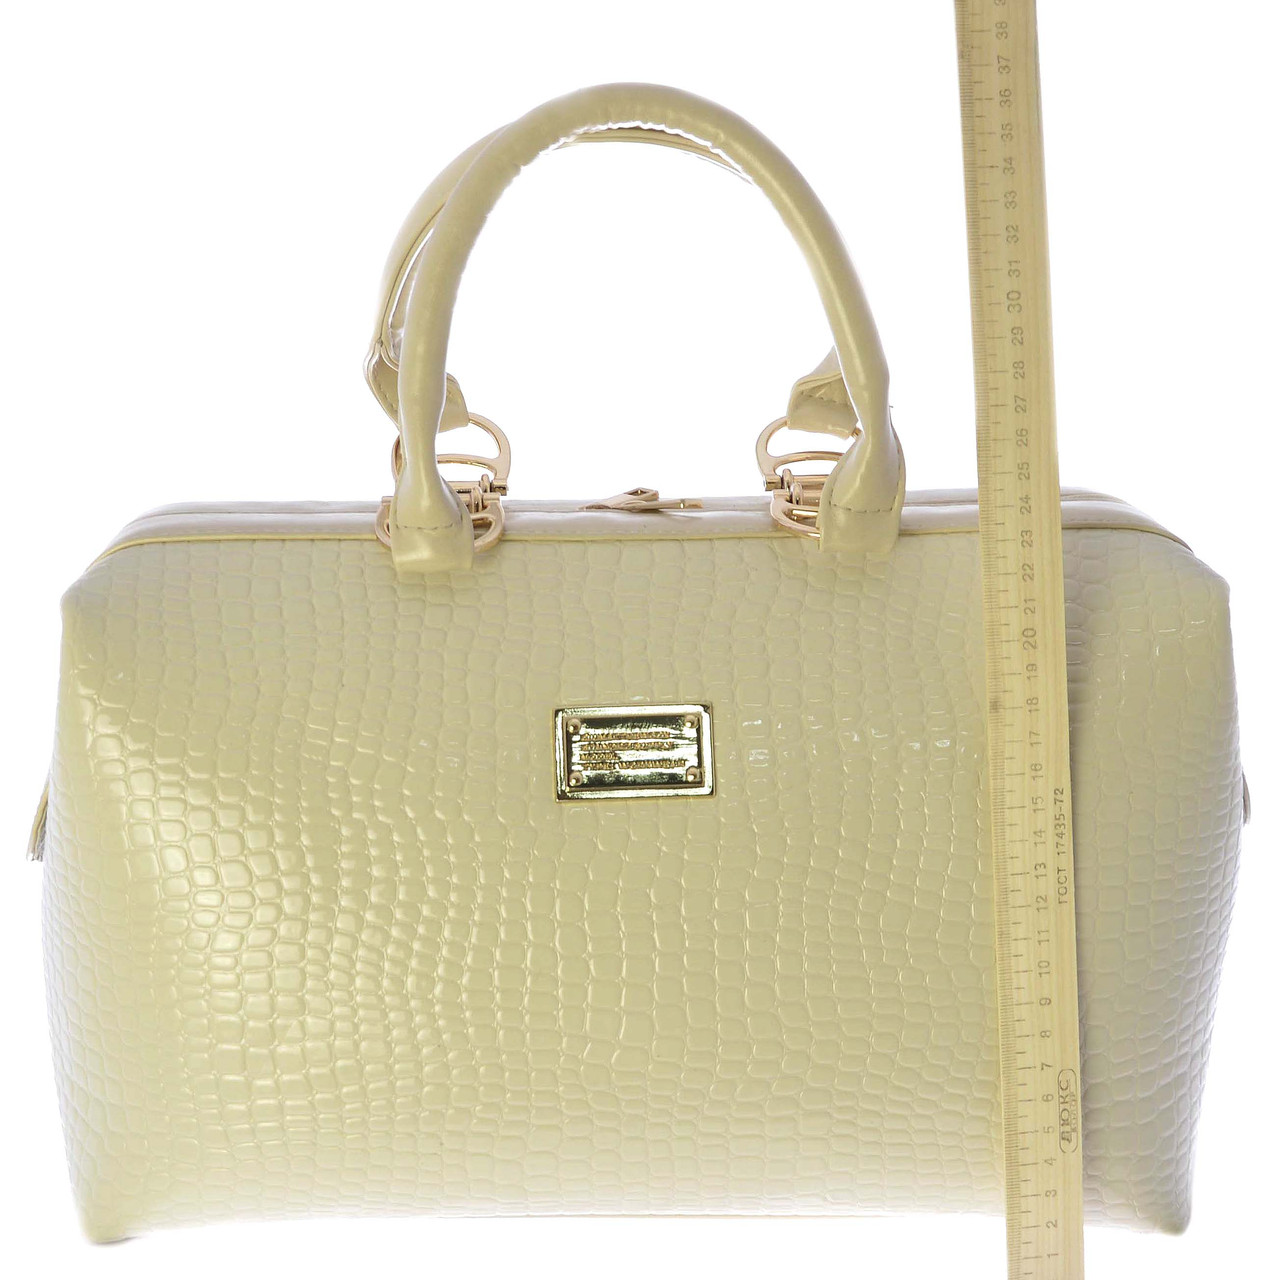 ba15891ee Женская сумка классика 025-26, цена 558 грн., купить в Харькове — Prom.ua  (ID#540114825)